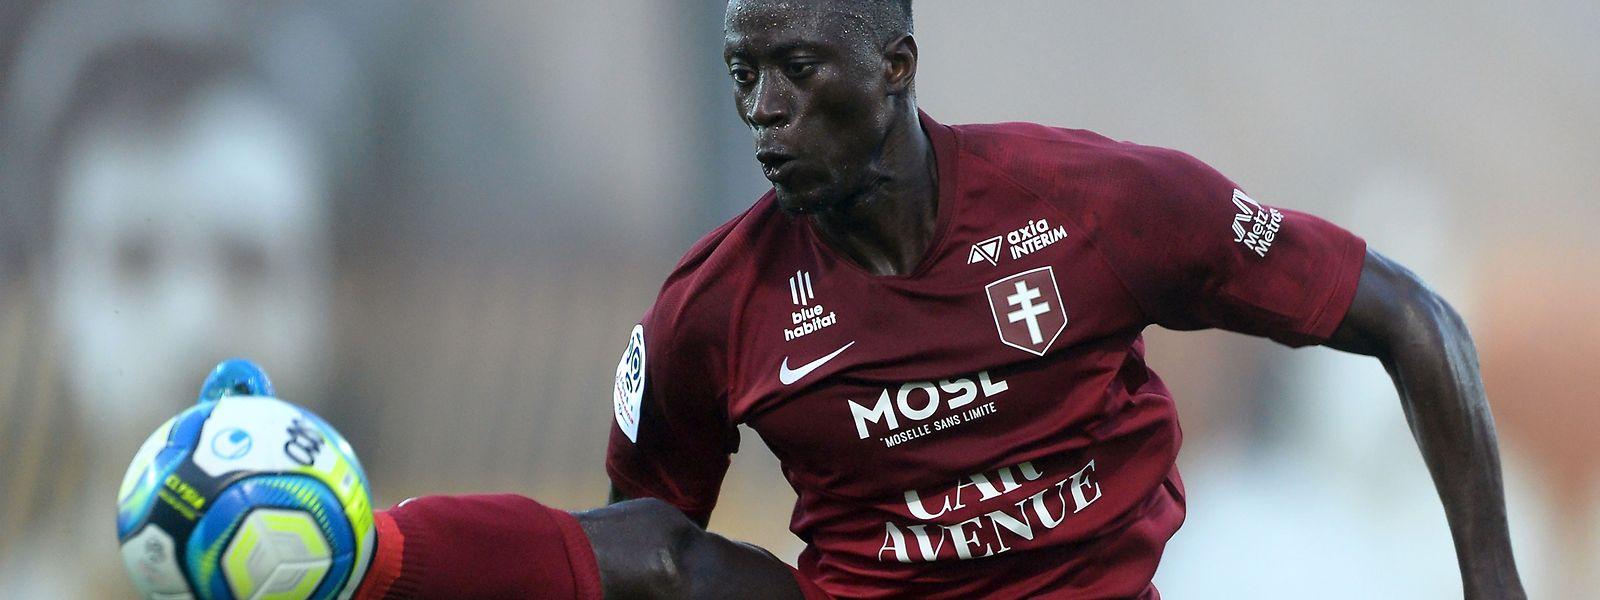 Ibrahima Niane et les Messins doivent montrer une sérieuse réaction par rapport à leur prestation à Angers s'ils entendent inquiéter le PSG, vendredi soir à Saint-Symphorien